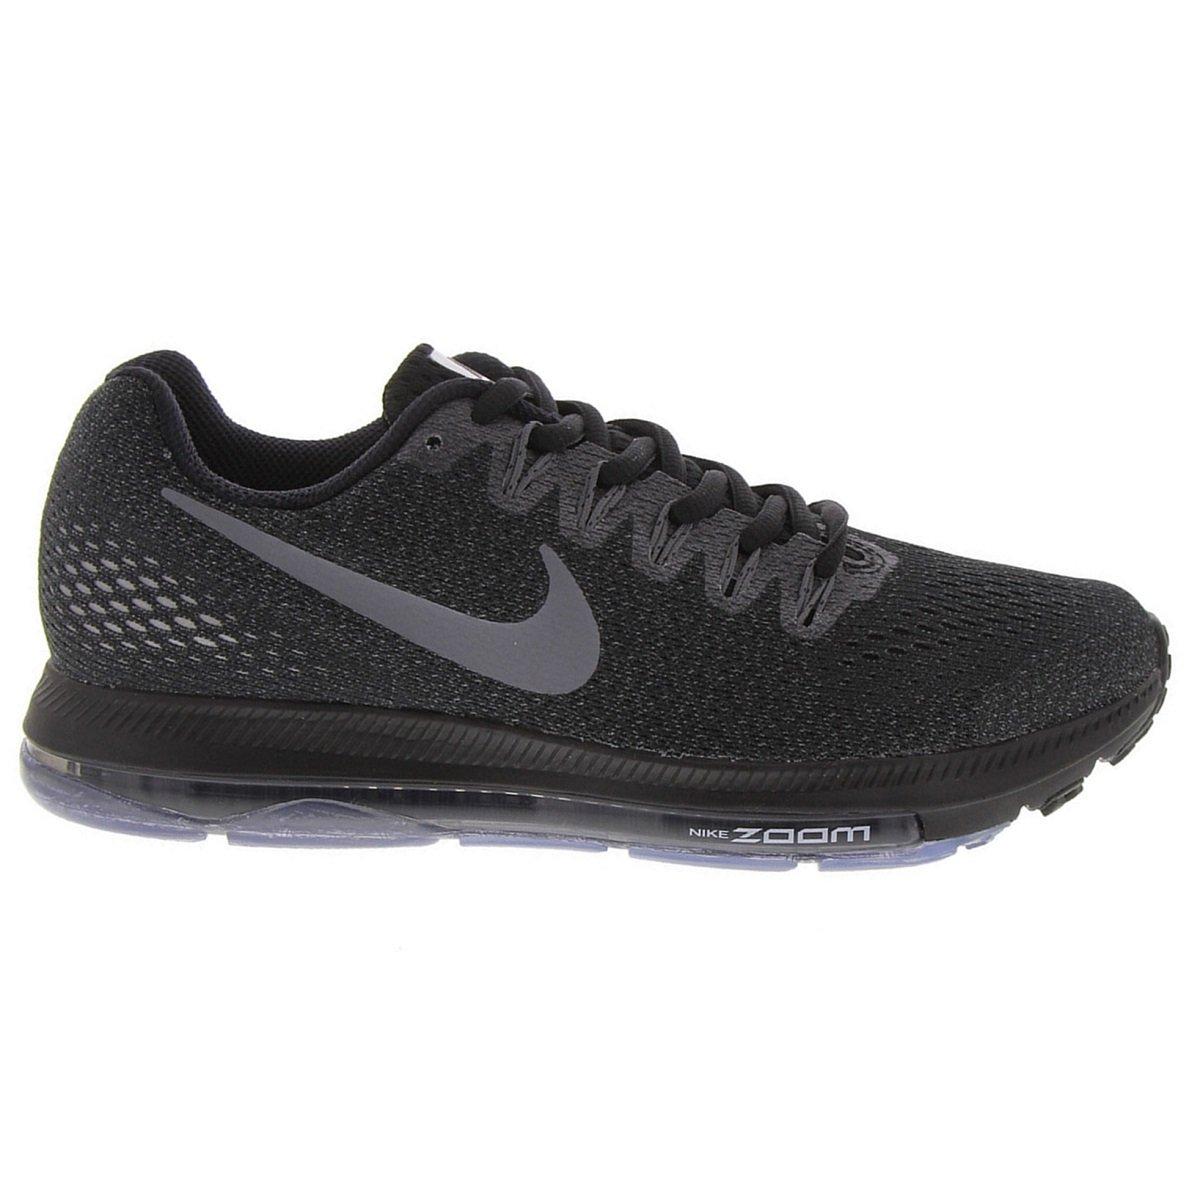 82e0c343a22 Tênis Nike Zoom All Out Low 878671-001 - Cinza Preto - Calçados ...